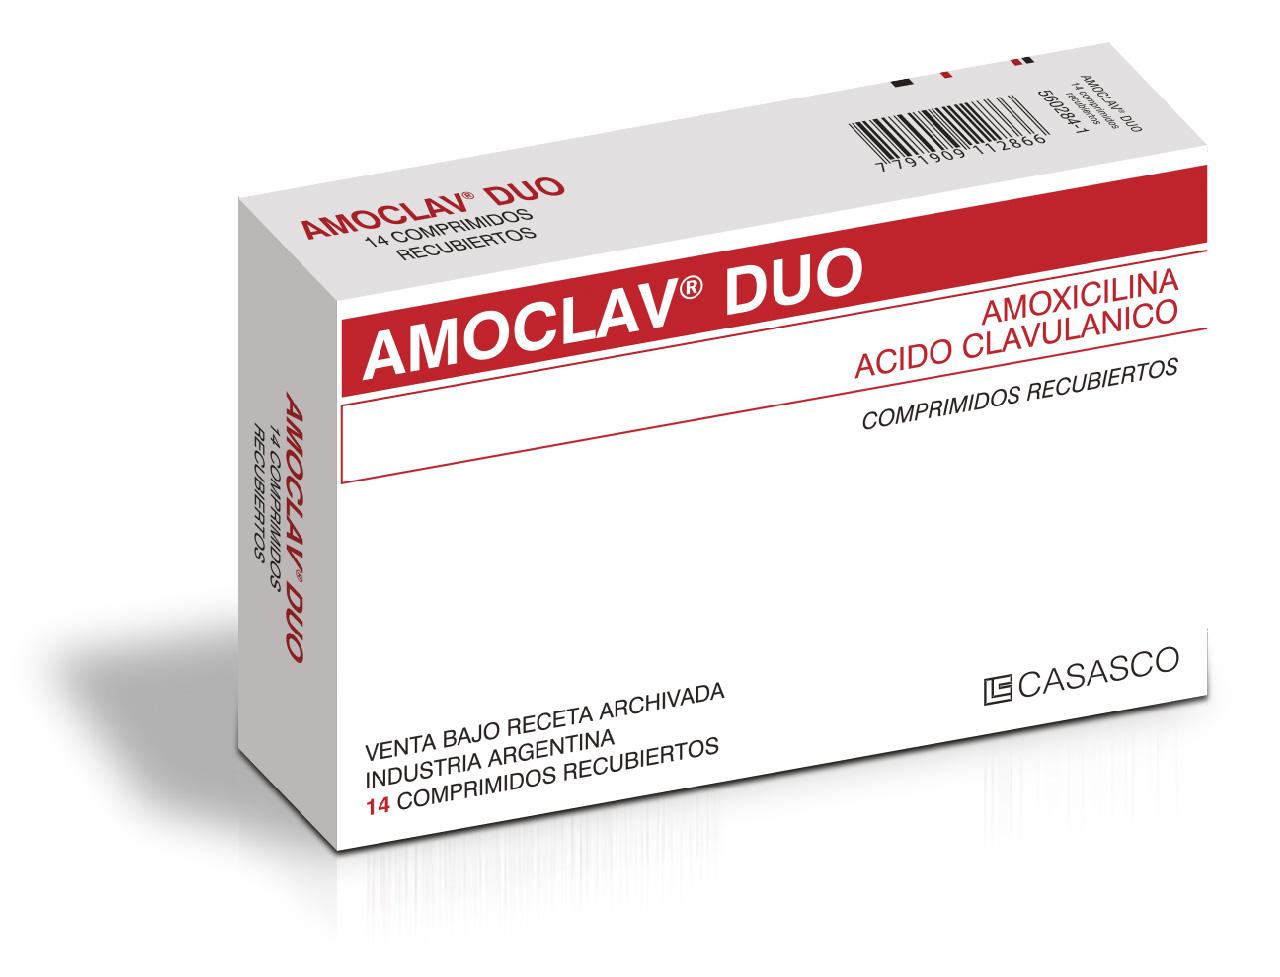 Amoclav Duo Laboratorios Casasco